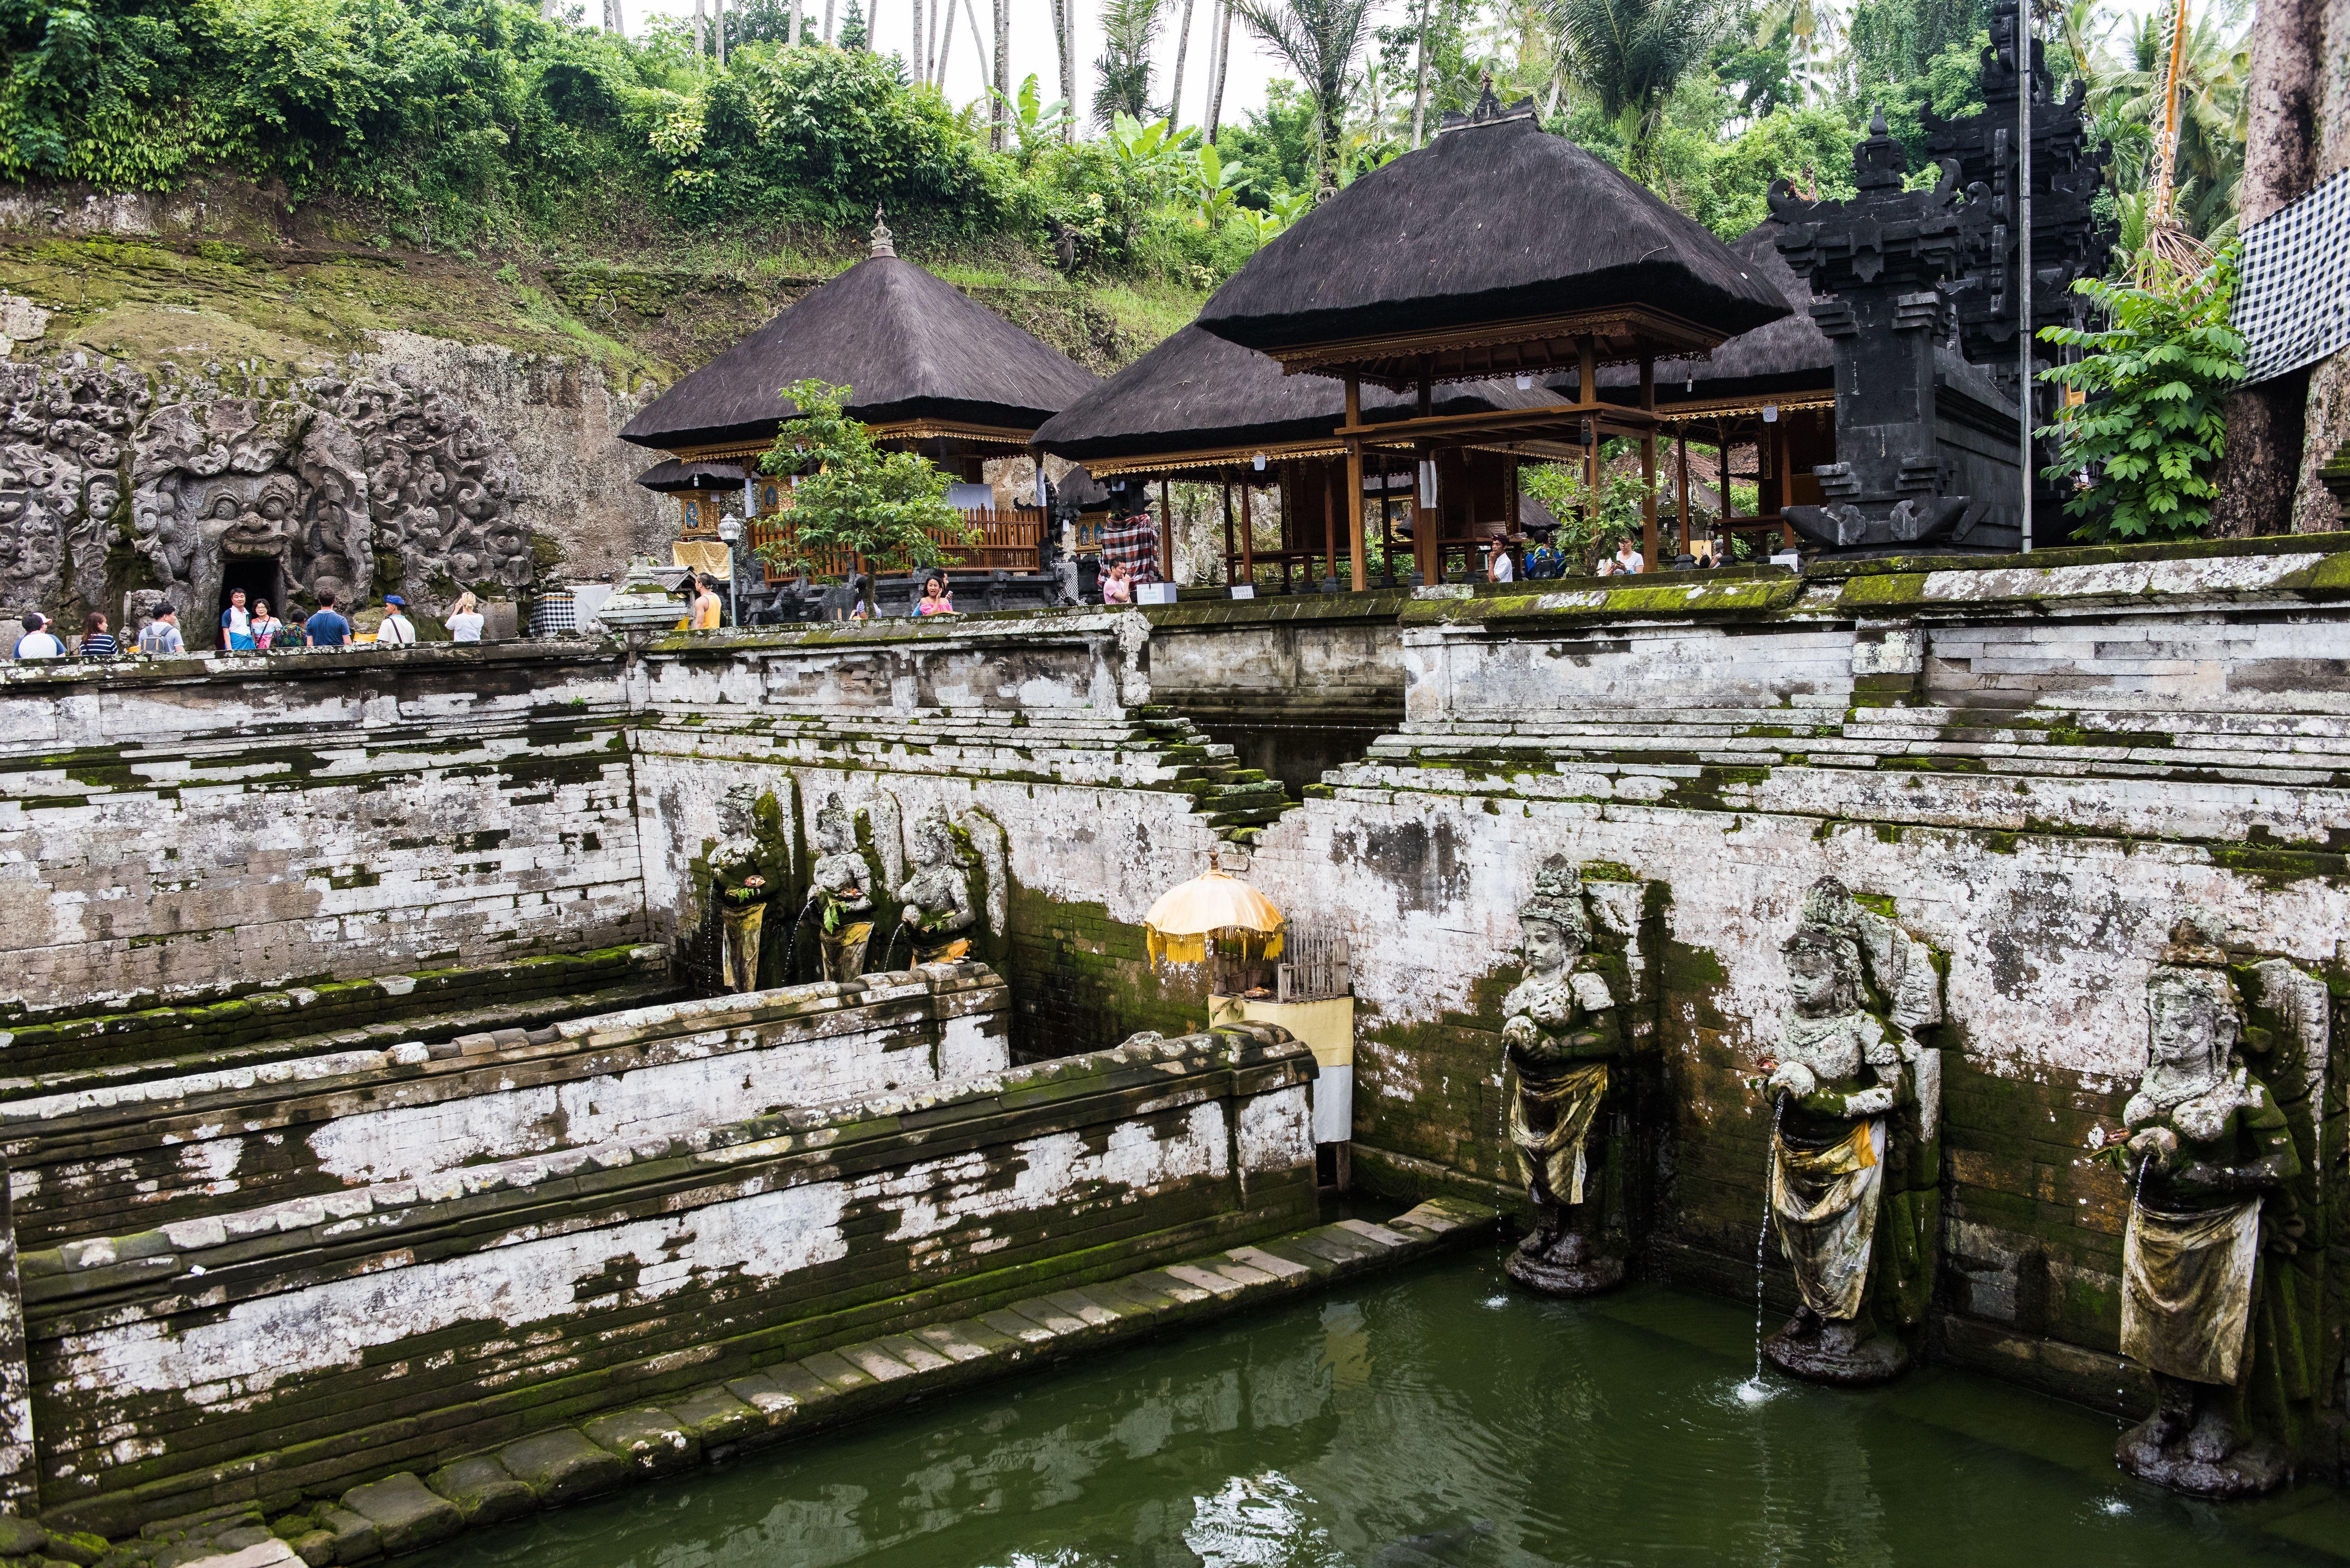 Small pond at Goa Gajah in Bali